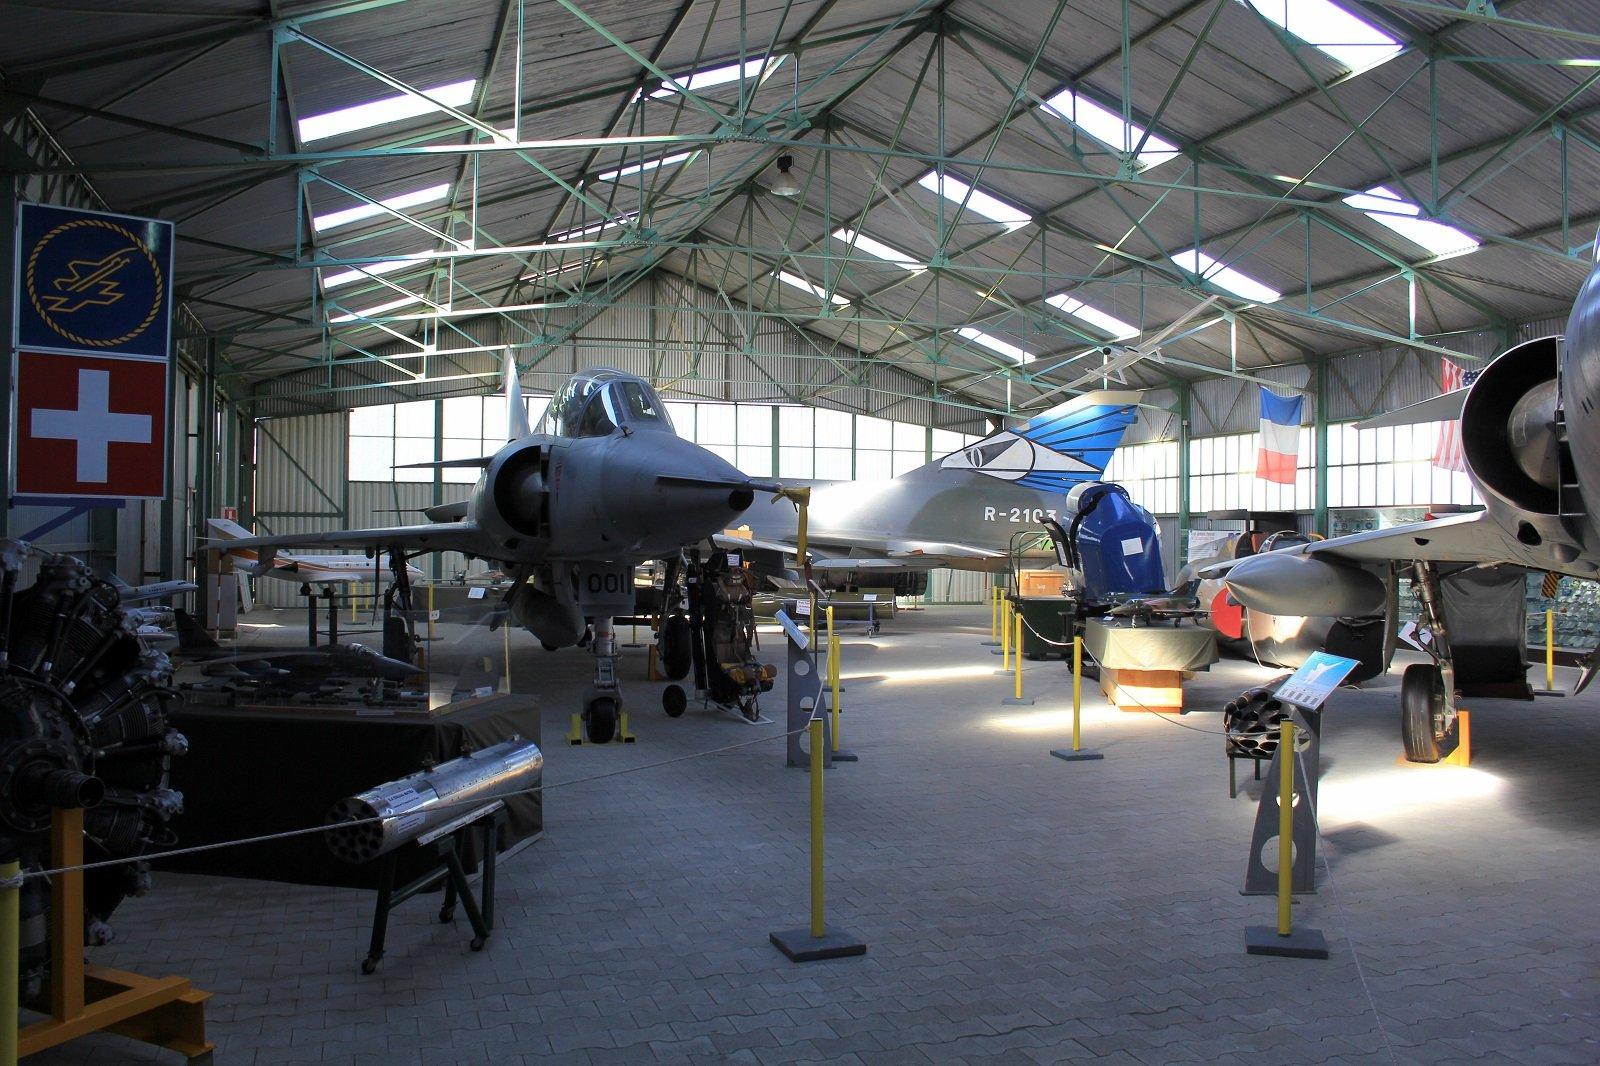 musée de l'aviation de chasse de Montelimar  - Page 2 191030070546896887